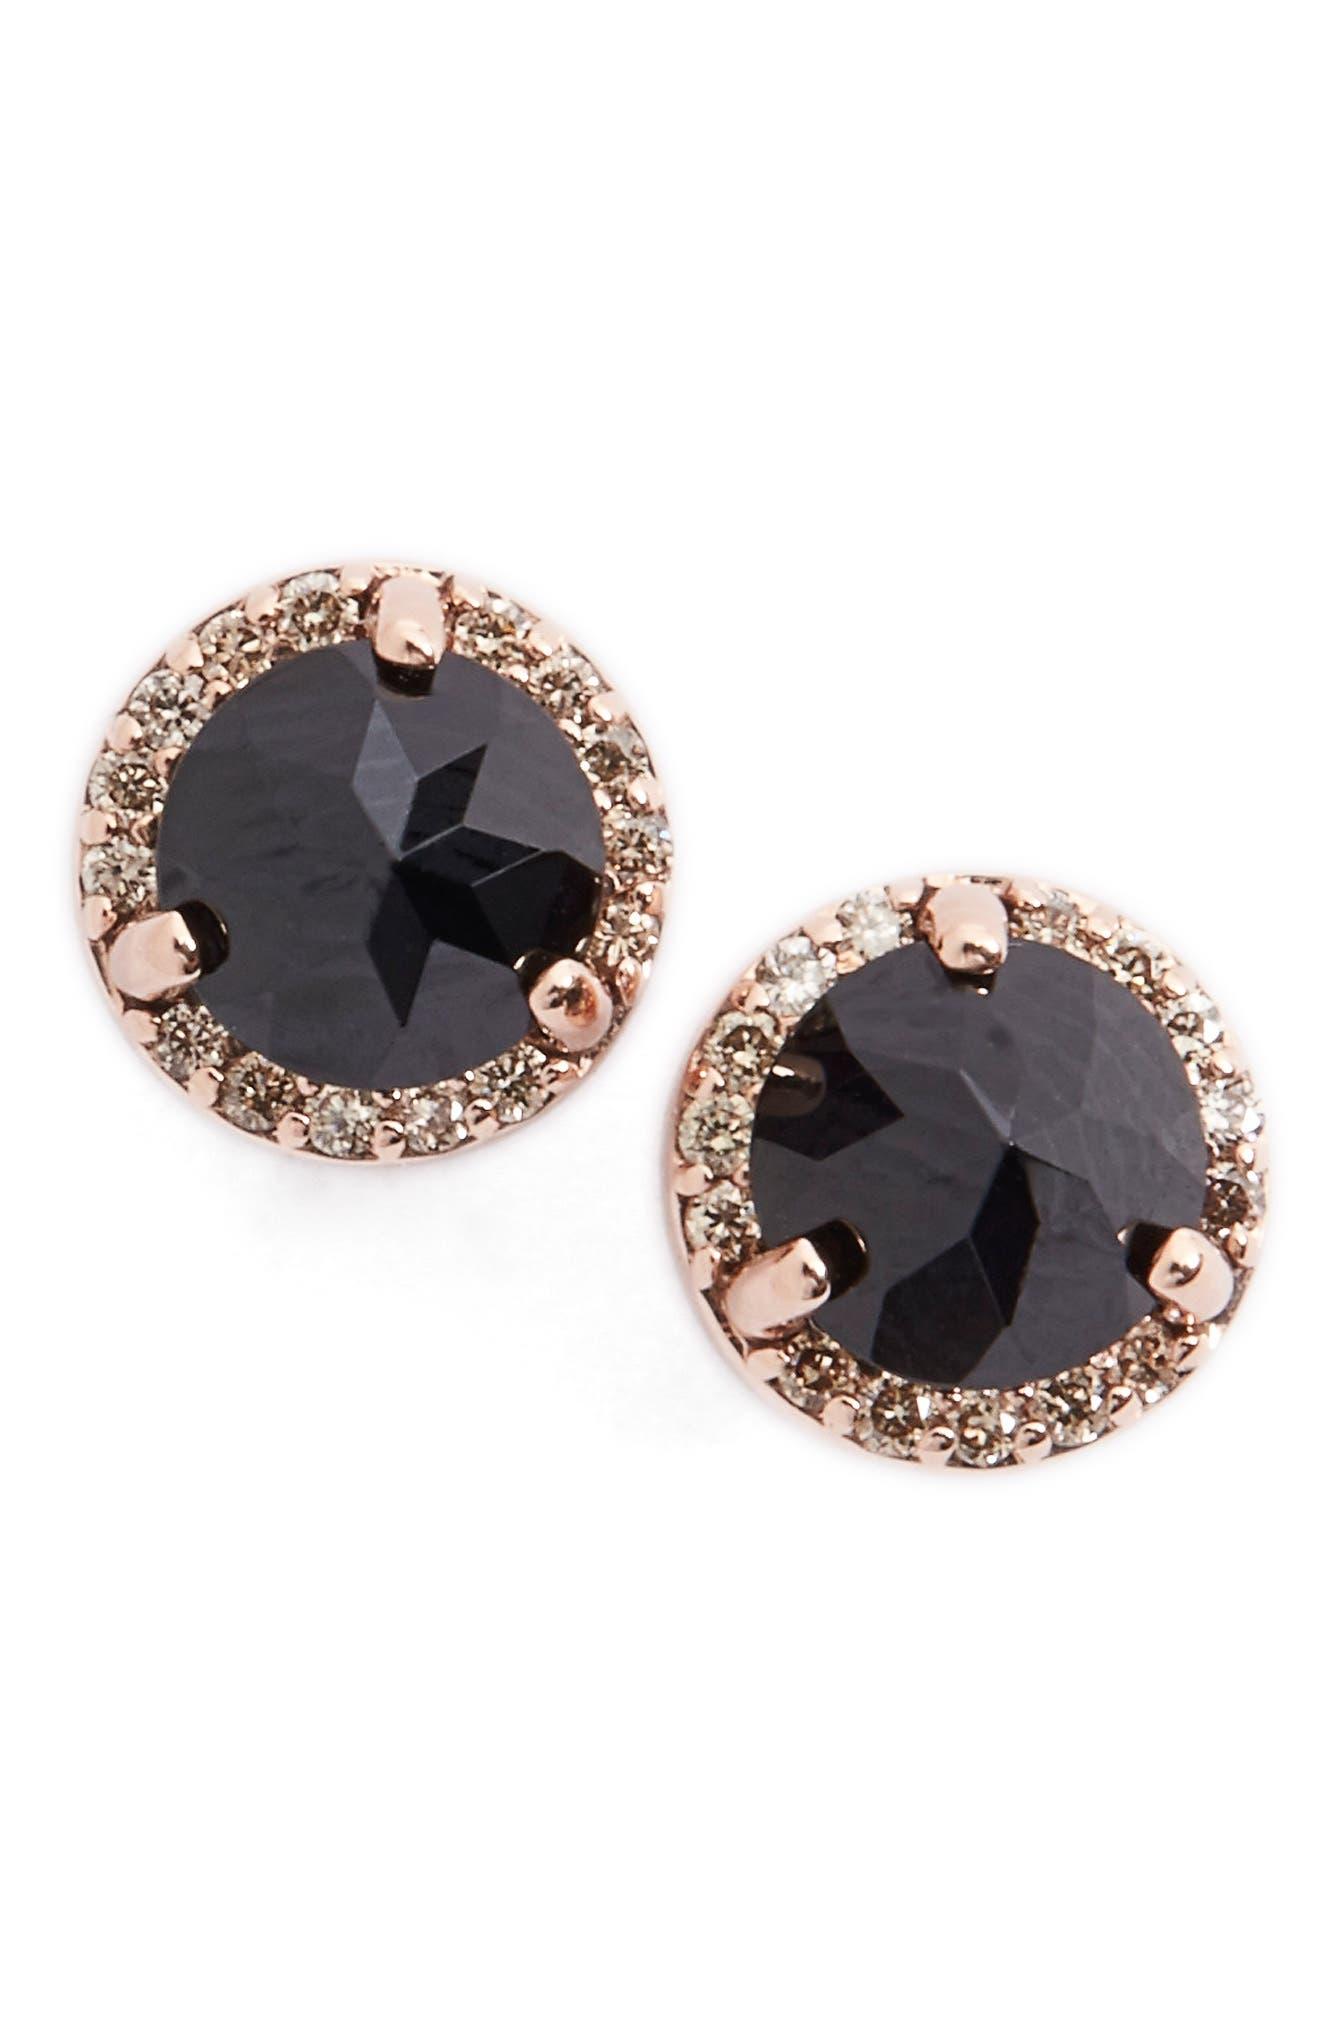 Alternate Image 1 Selected - Anna Sheffield Black Spinel& ChampagneDiamond Rosette Stud Earrings